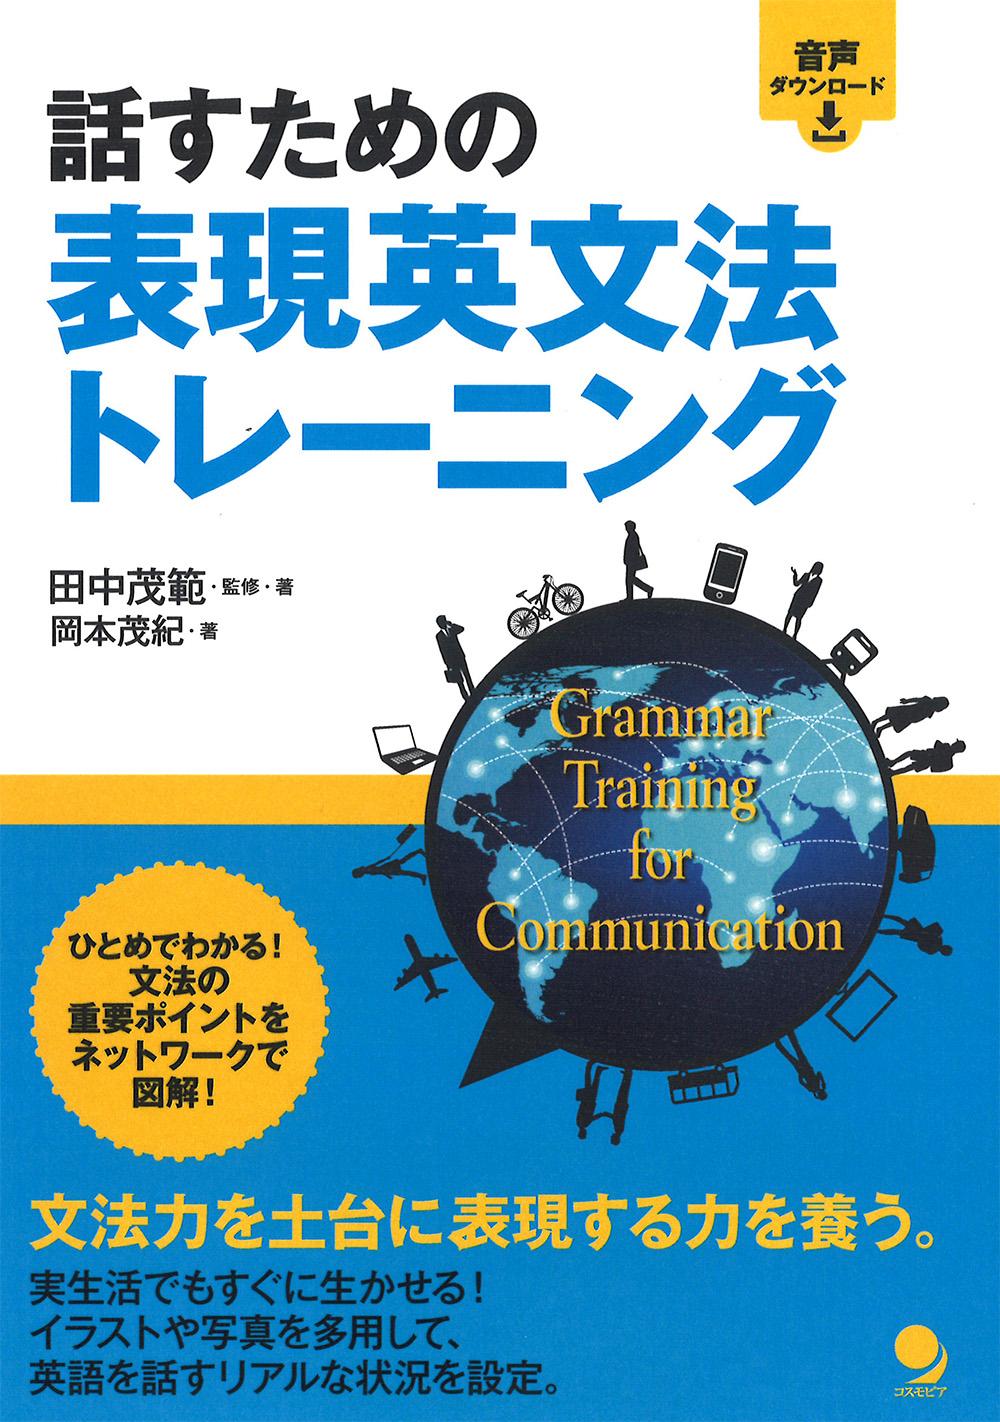 話す ため の 英文 法 ダウンロード